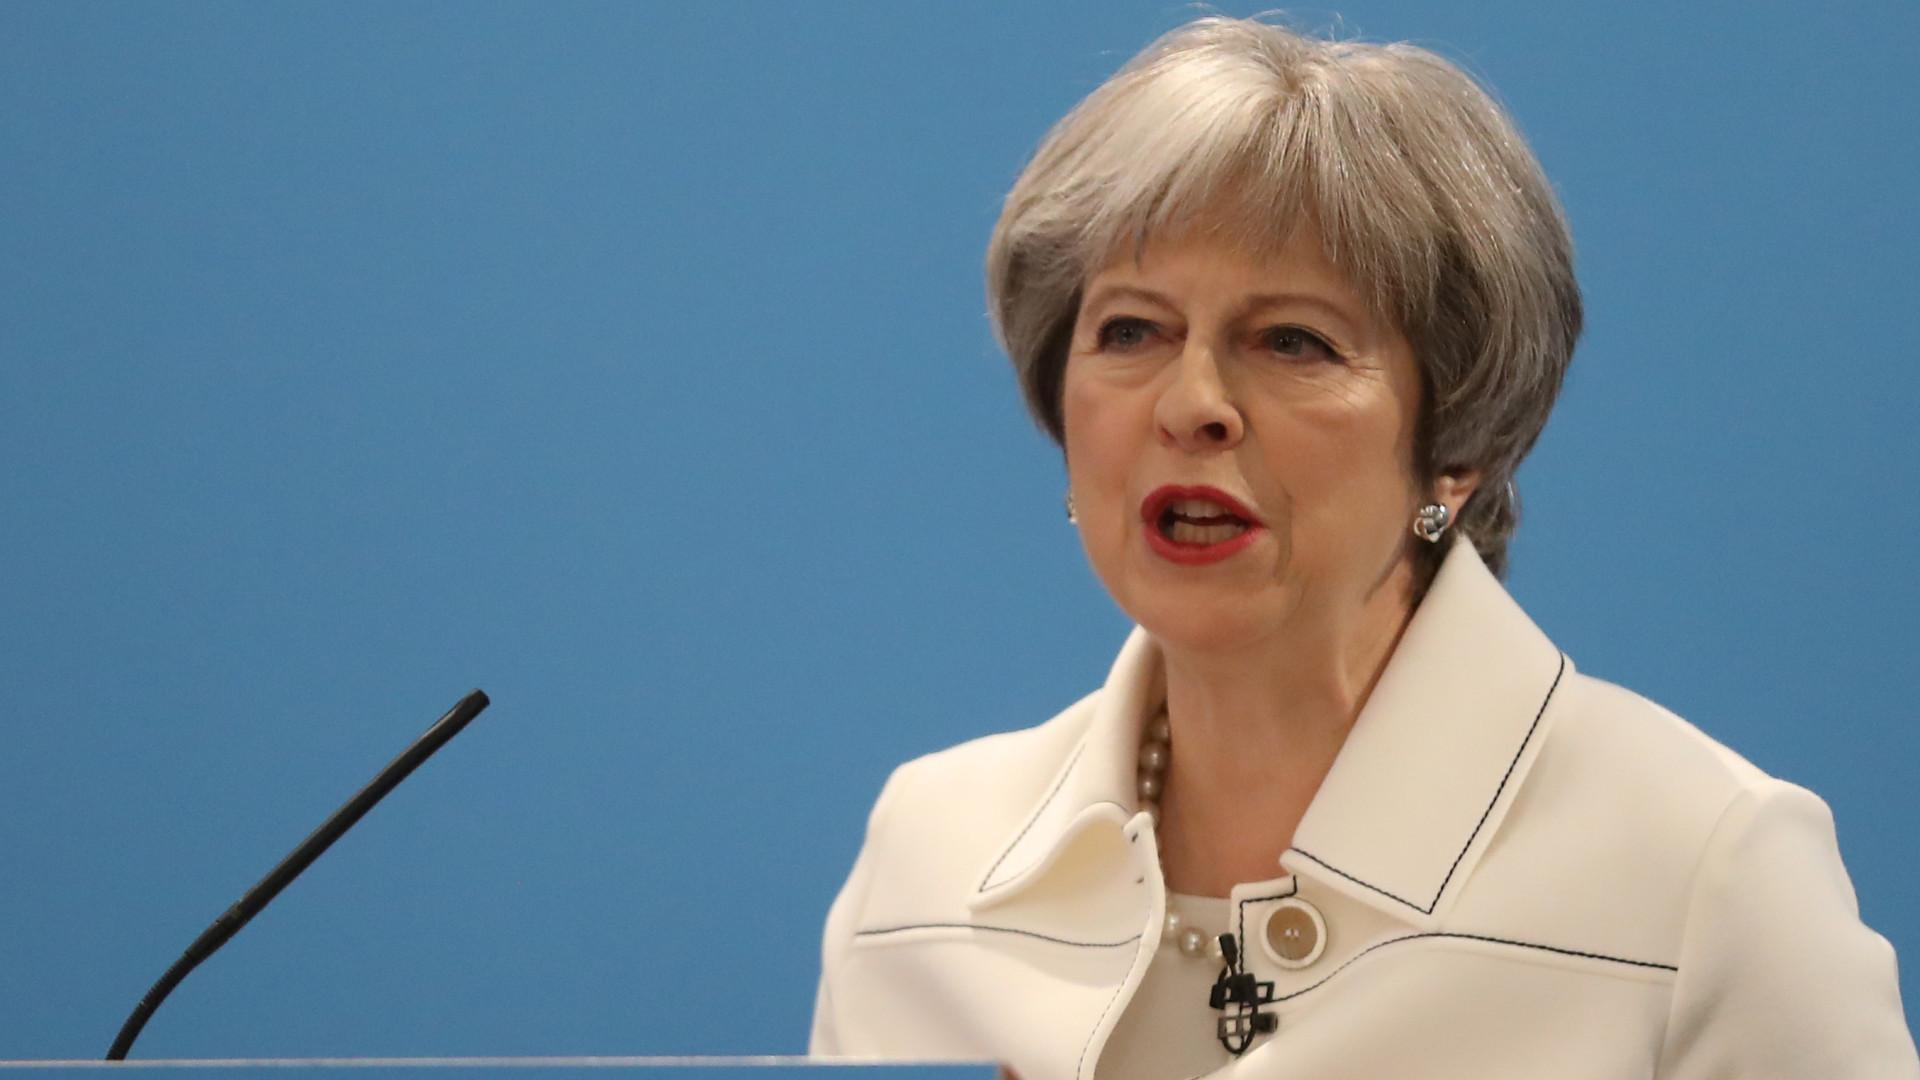 May avisa: Parlamento tem dever de aprovar acordo perante incerteza